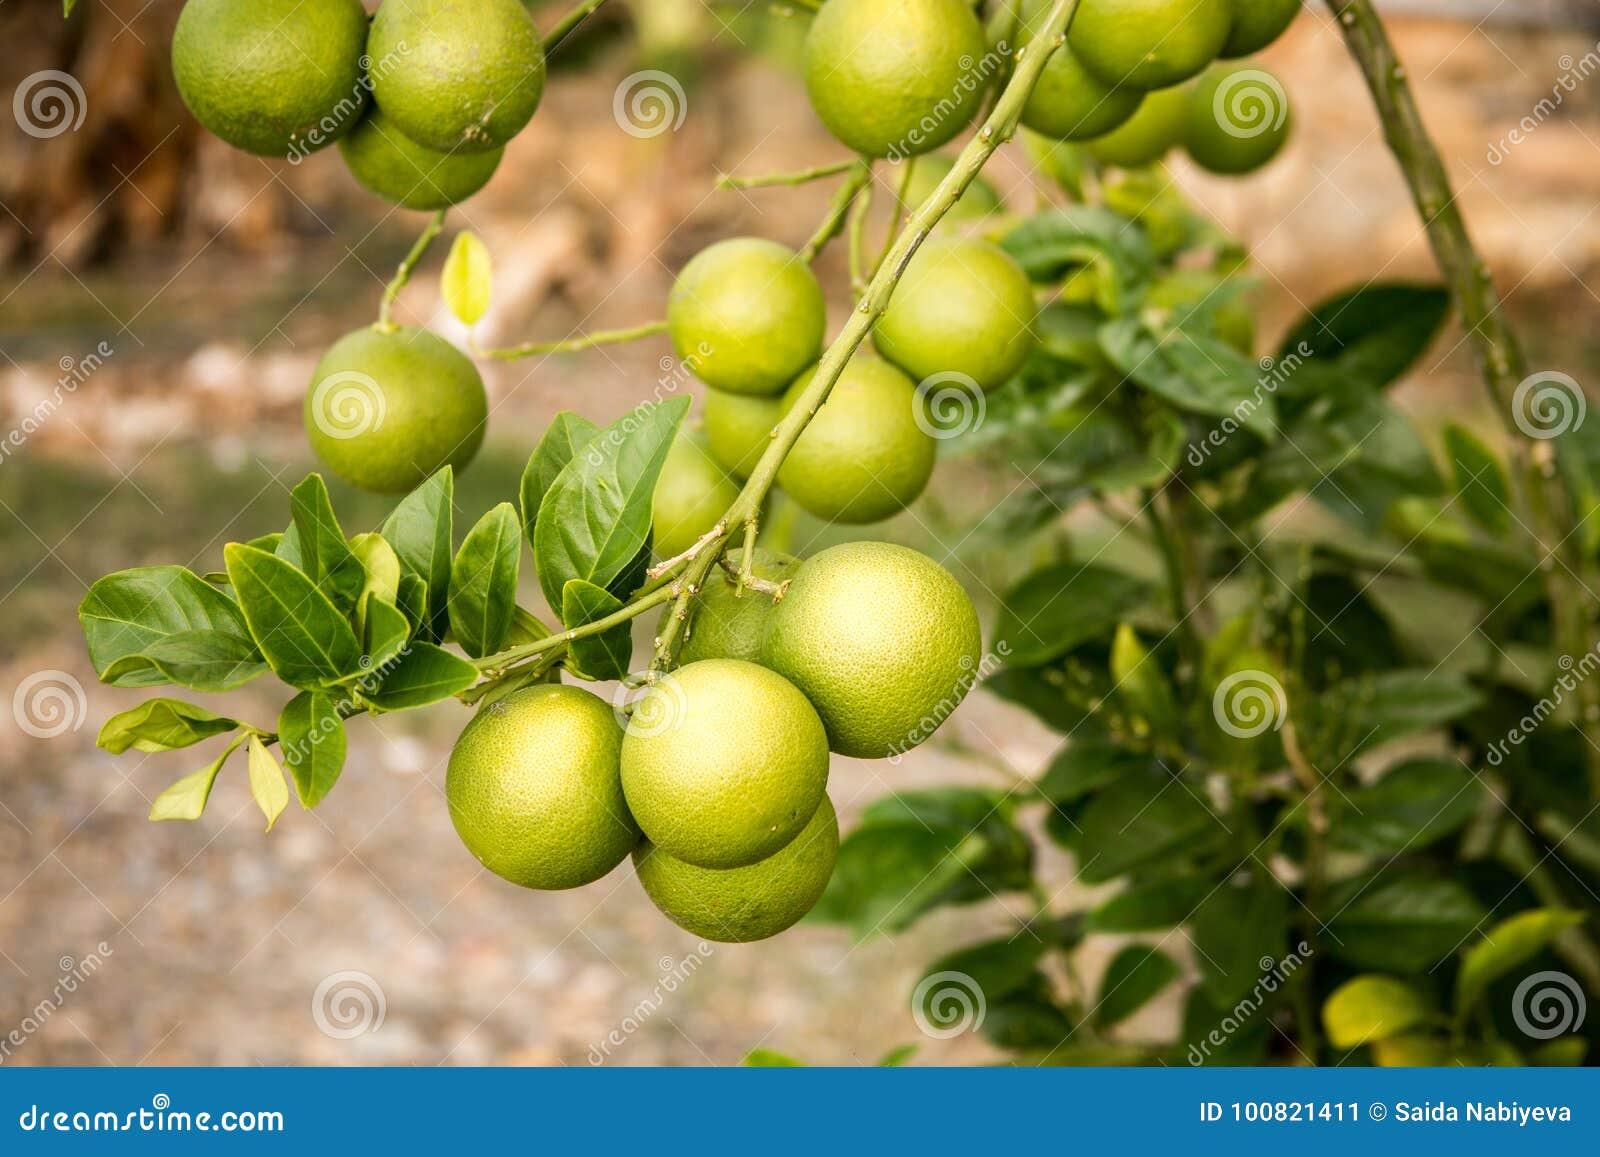 Grüne Orangen, die auf der Niederlassung des Orangenbaums wachsen